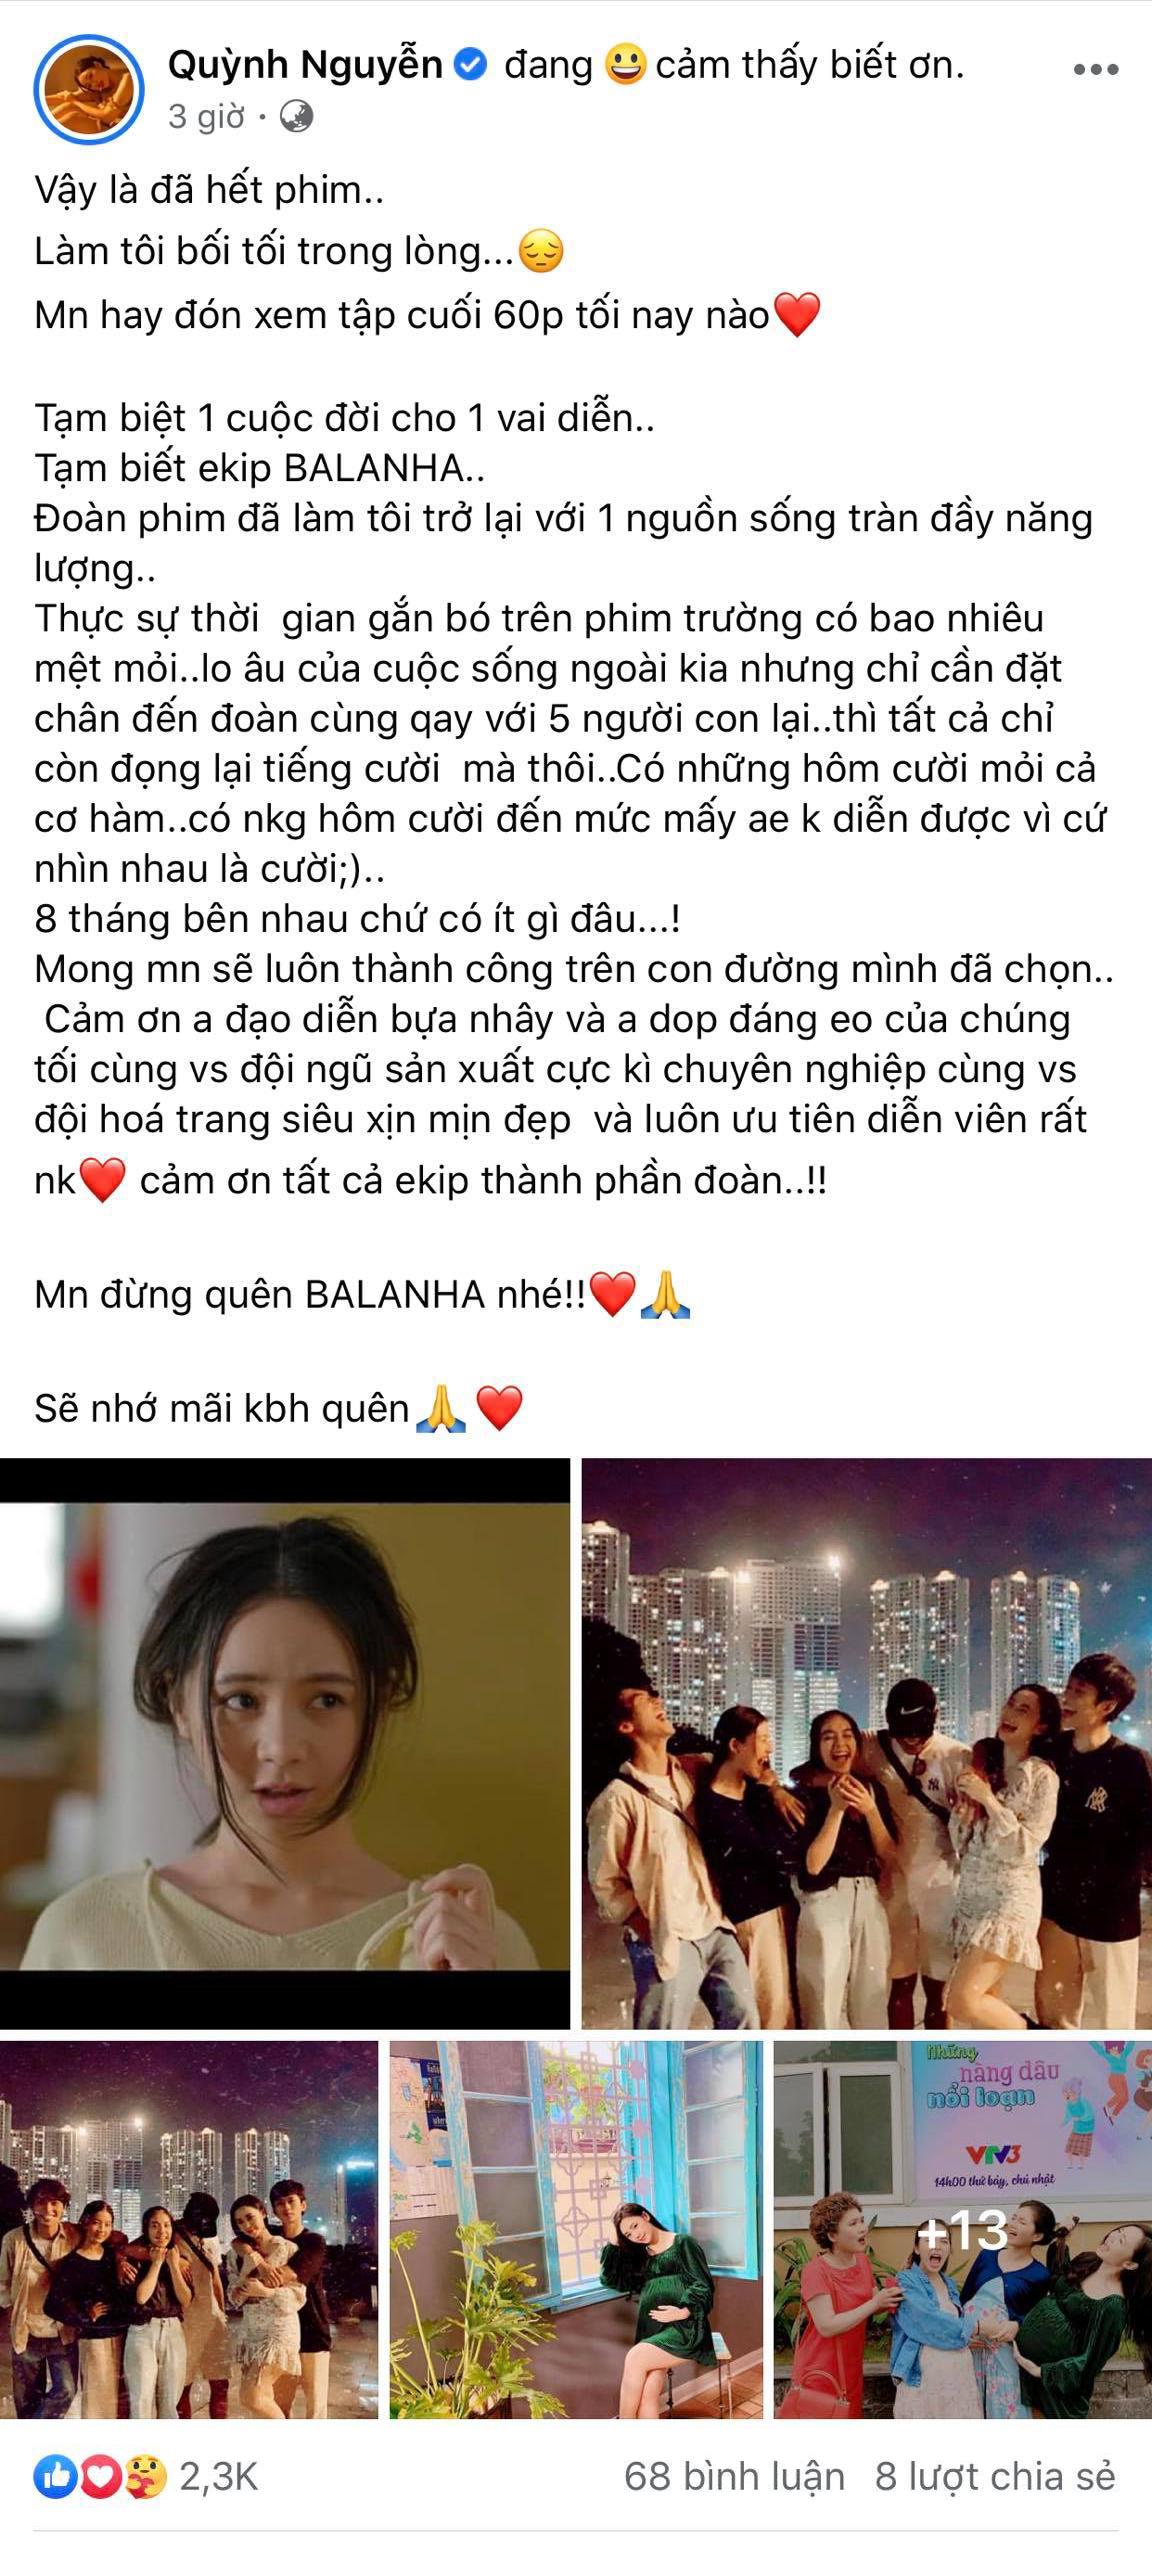 Bài chia sẻ của Quỳnh Kool cũng đậm chất gợi nhớ kỷ niệm đáng yêu bên Nhà trọ Balanha